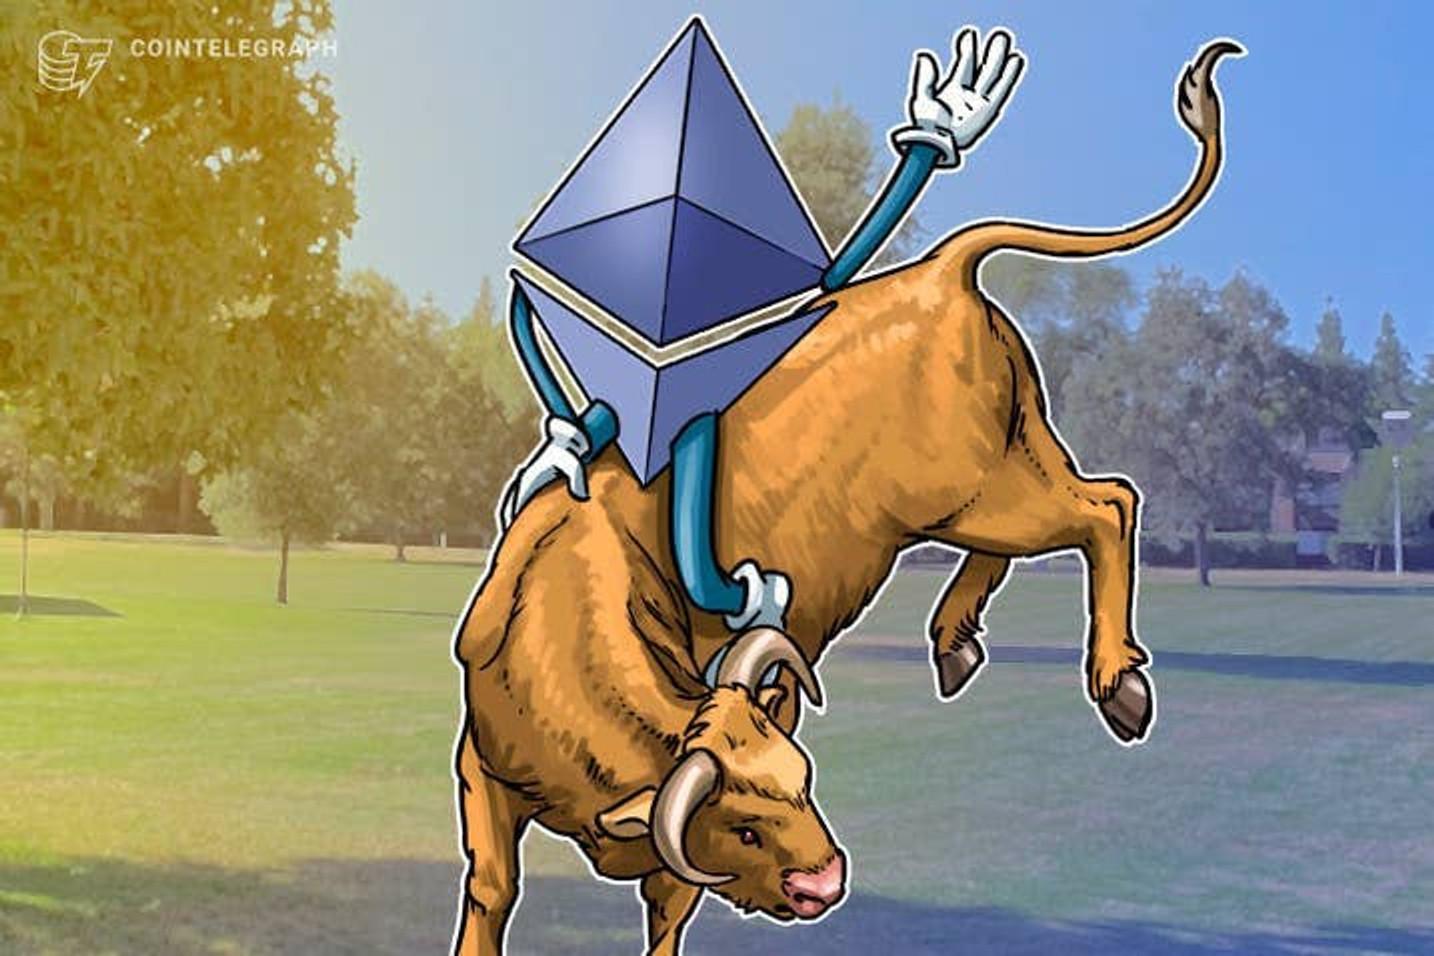 'Ni Bitcoin, ni Solana, ni Cardano, la criptomoneda de turno ahora es Ethereum', dice analista que pronostica una subida de más del 50% para ETH